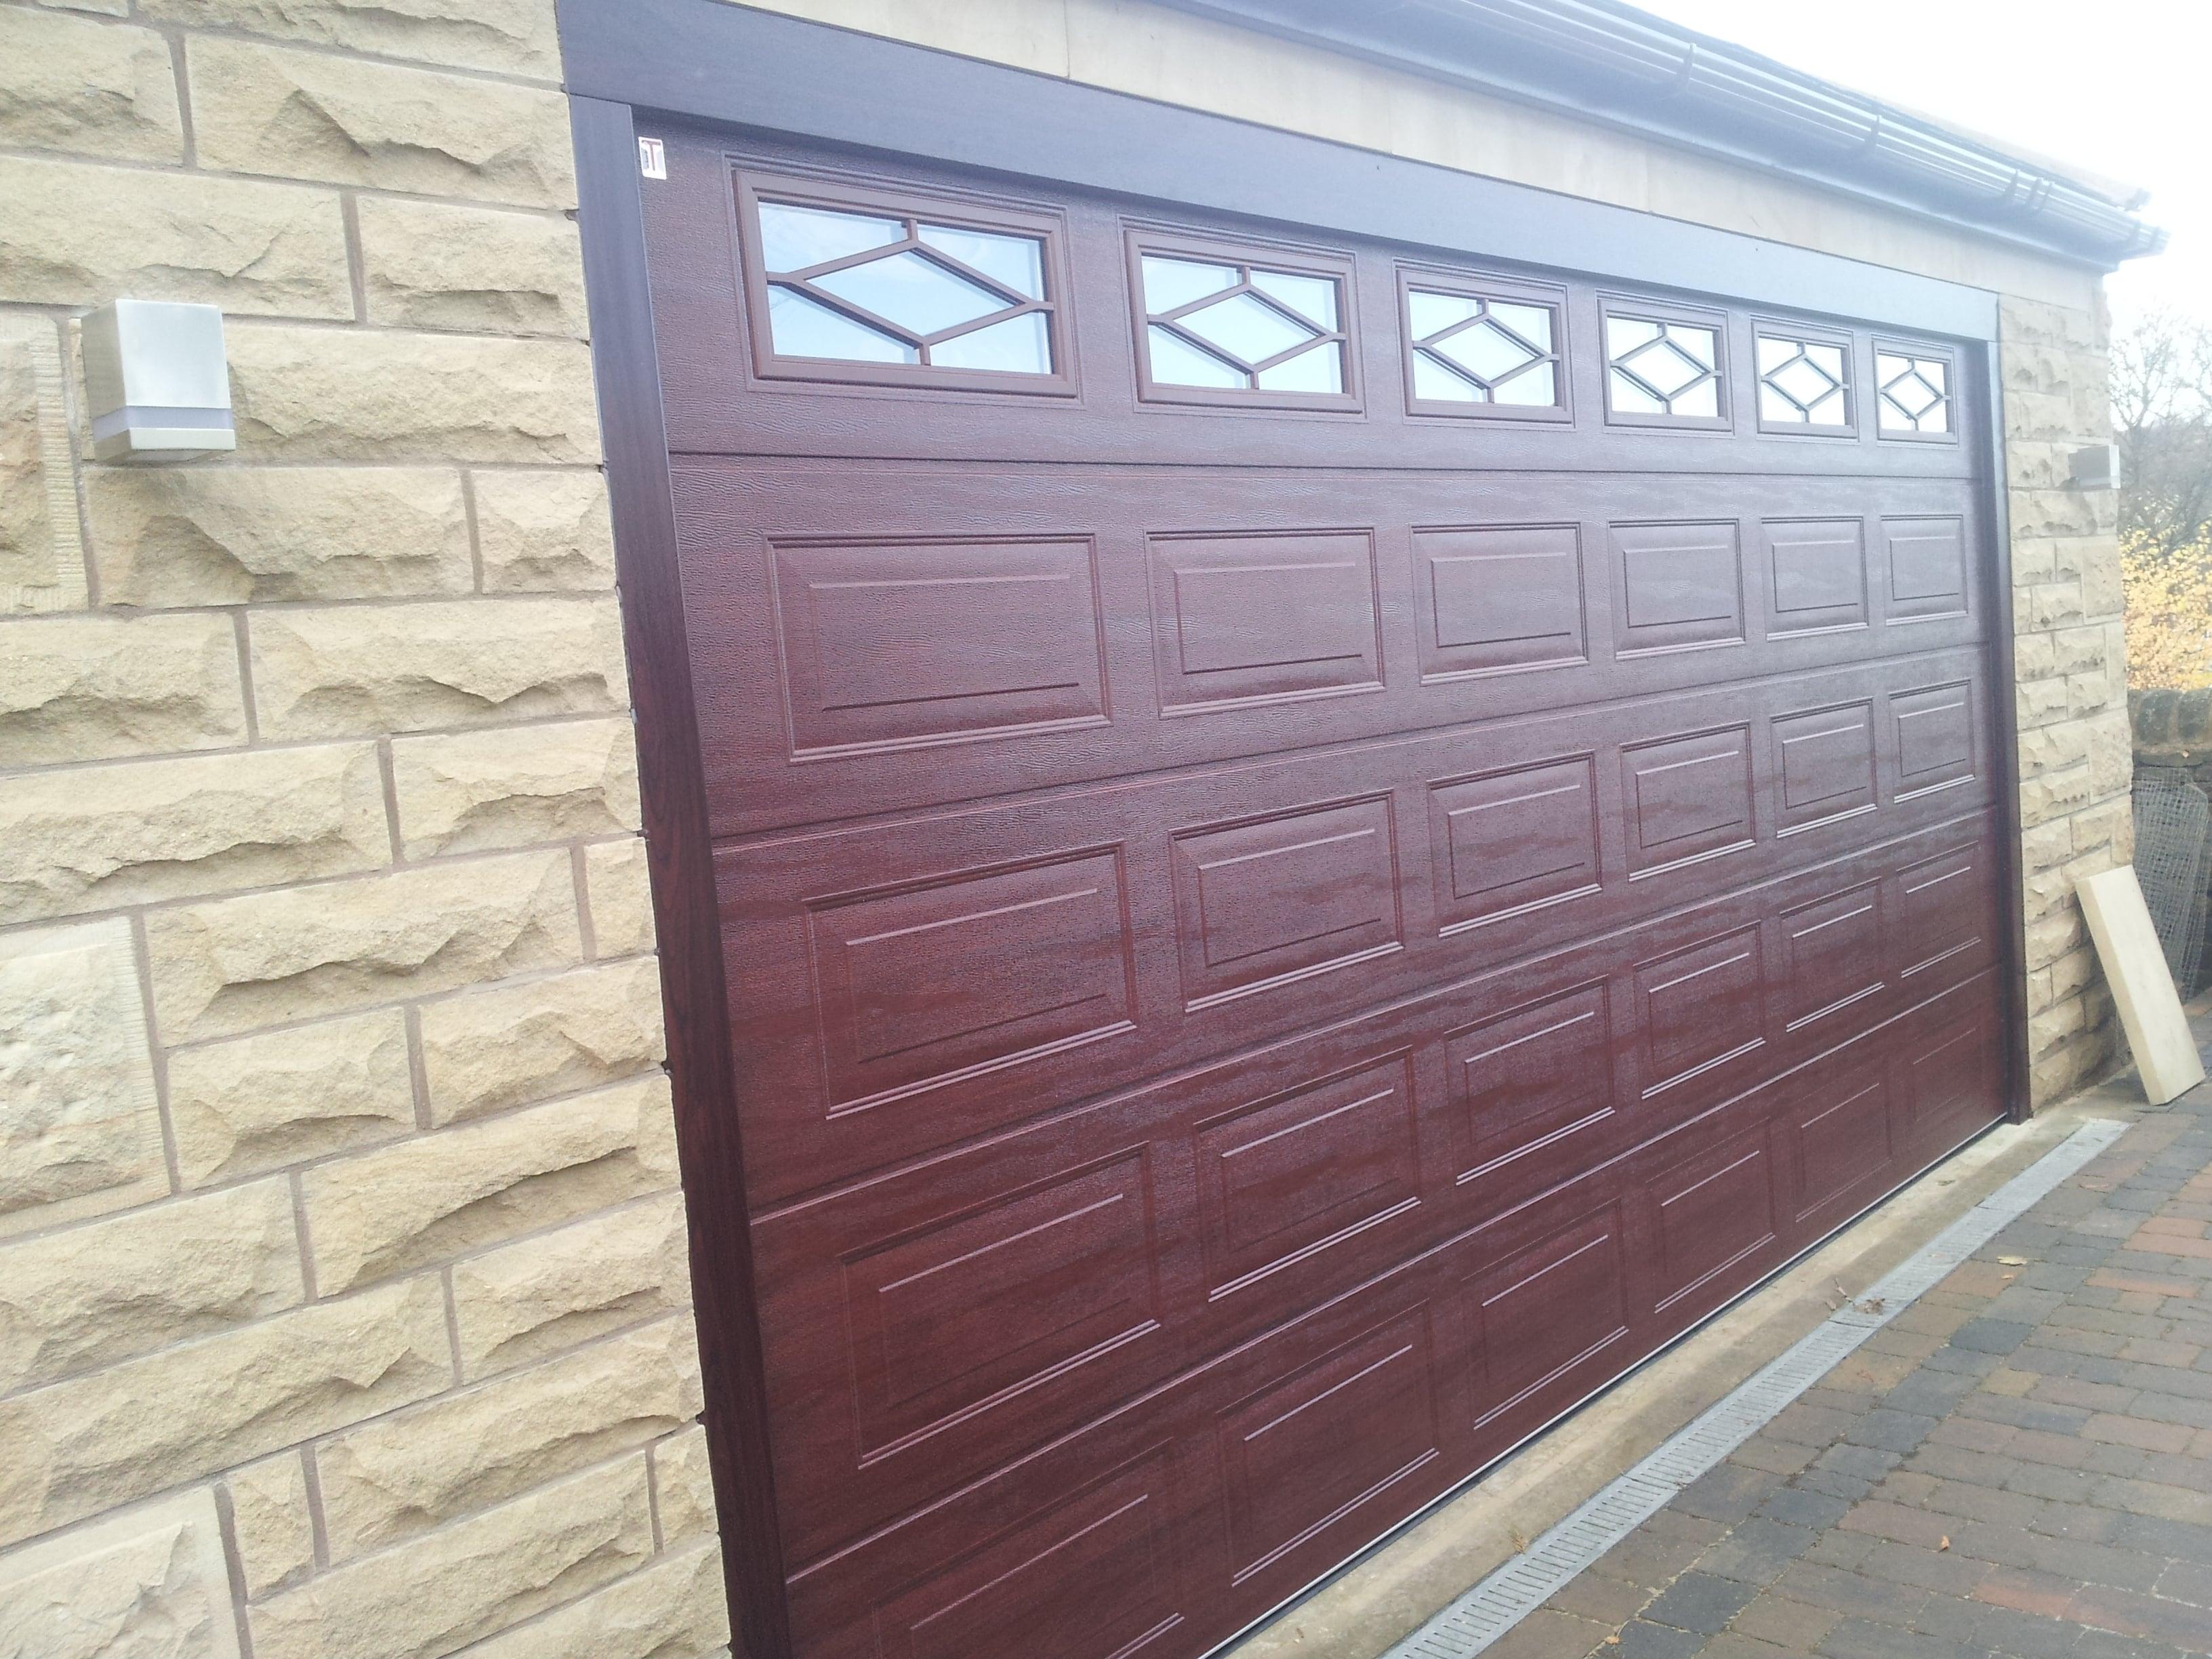 Teckentrup sectional garage door earby door services 20131127110221 20131127110241 20131127110338 rubansaba